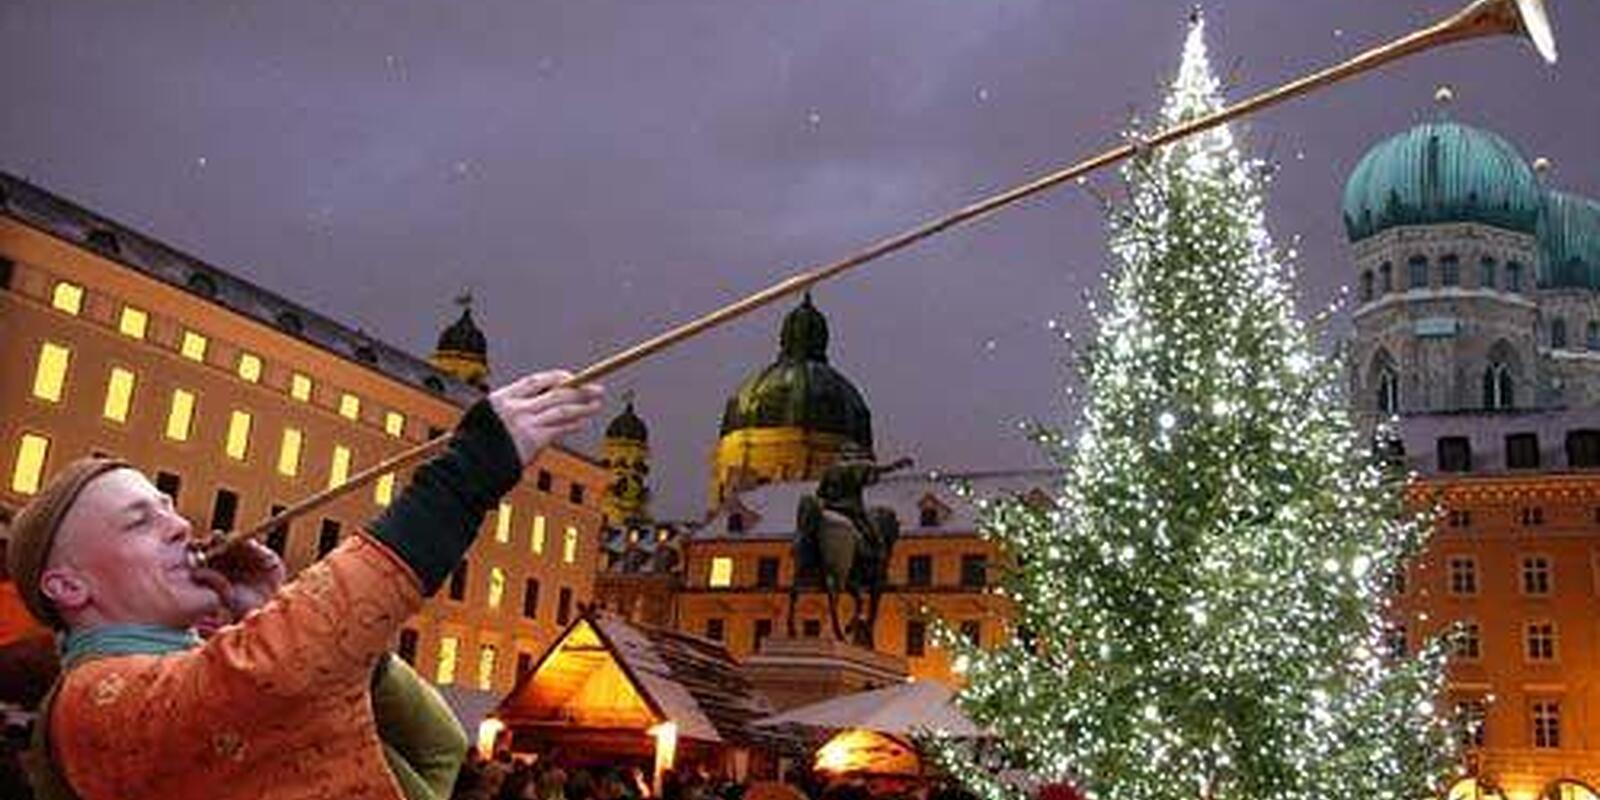 mittelalterlicher weihnachtsmarkt wittelsbacherplatz altstadt m nchen mittelalterlich. Black Bedroom Furniture Sets. Home Design Ideas